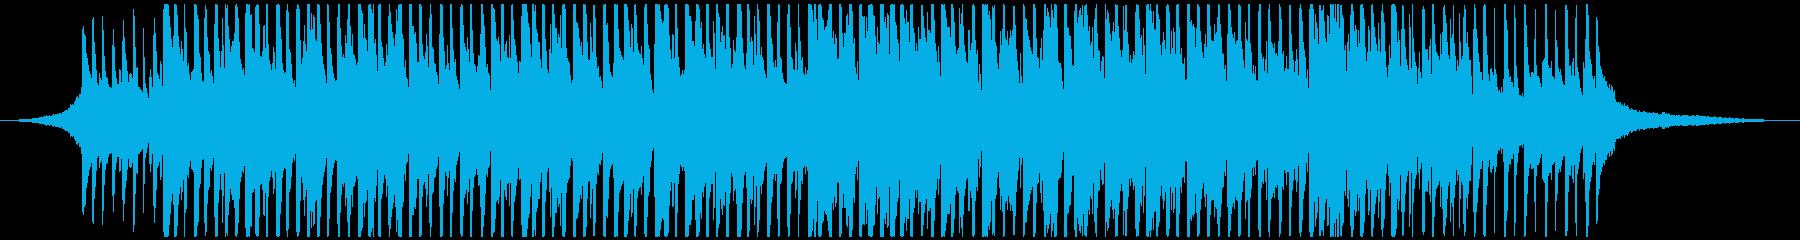 ノスタルジックな口笛メロディの曲の再生済みの波形